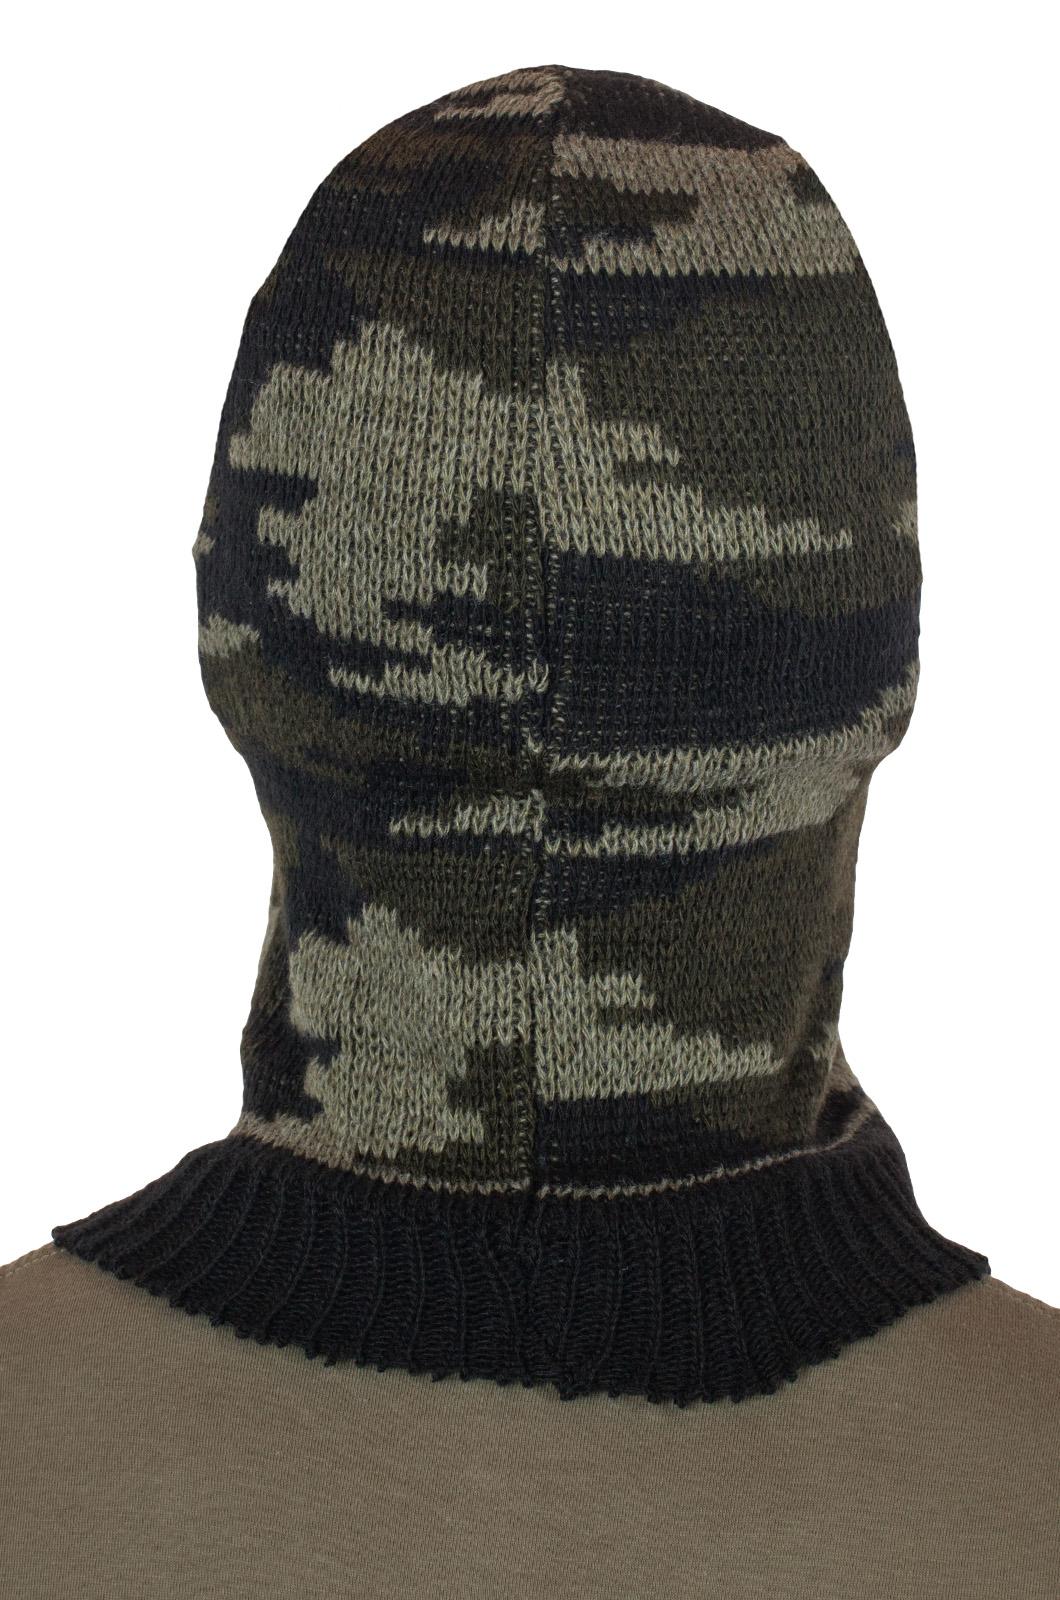 Армейская маска камуфляжная с доставкой